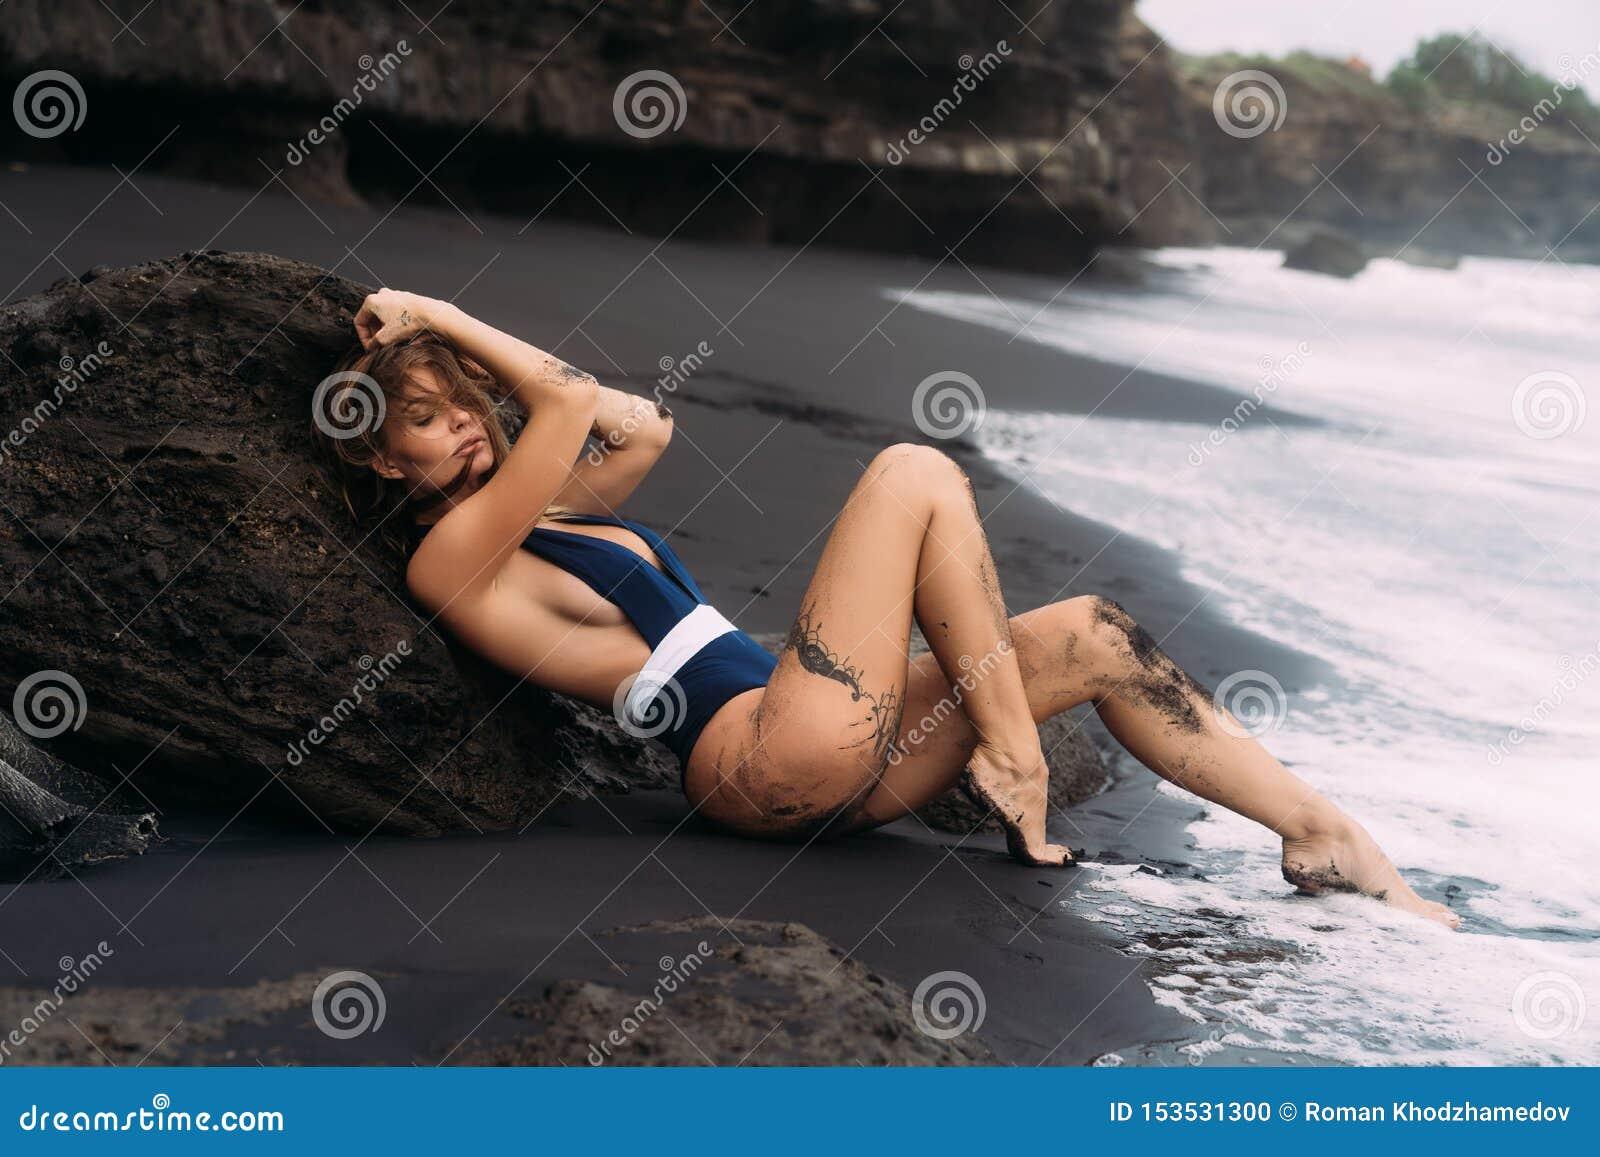 Sexig flicka med stora br?st i bl? swimwear som kopplar av p? stranden med svart sand